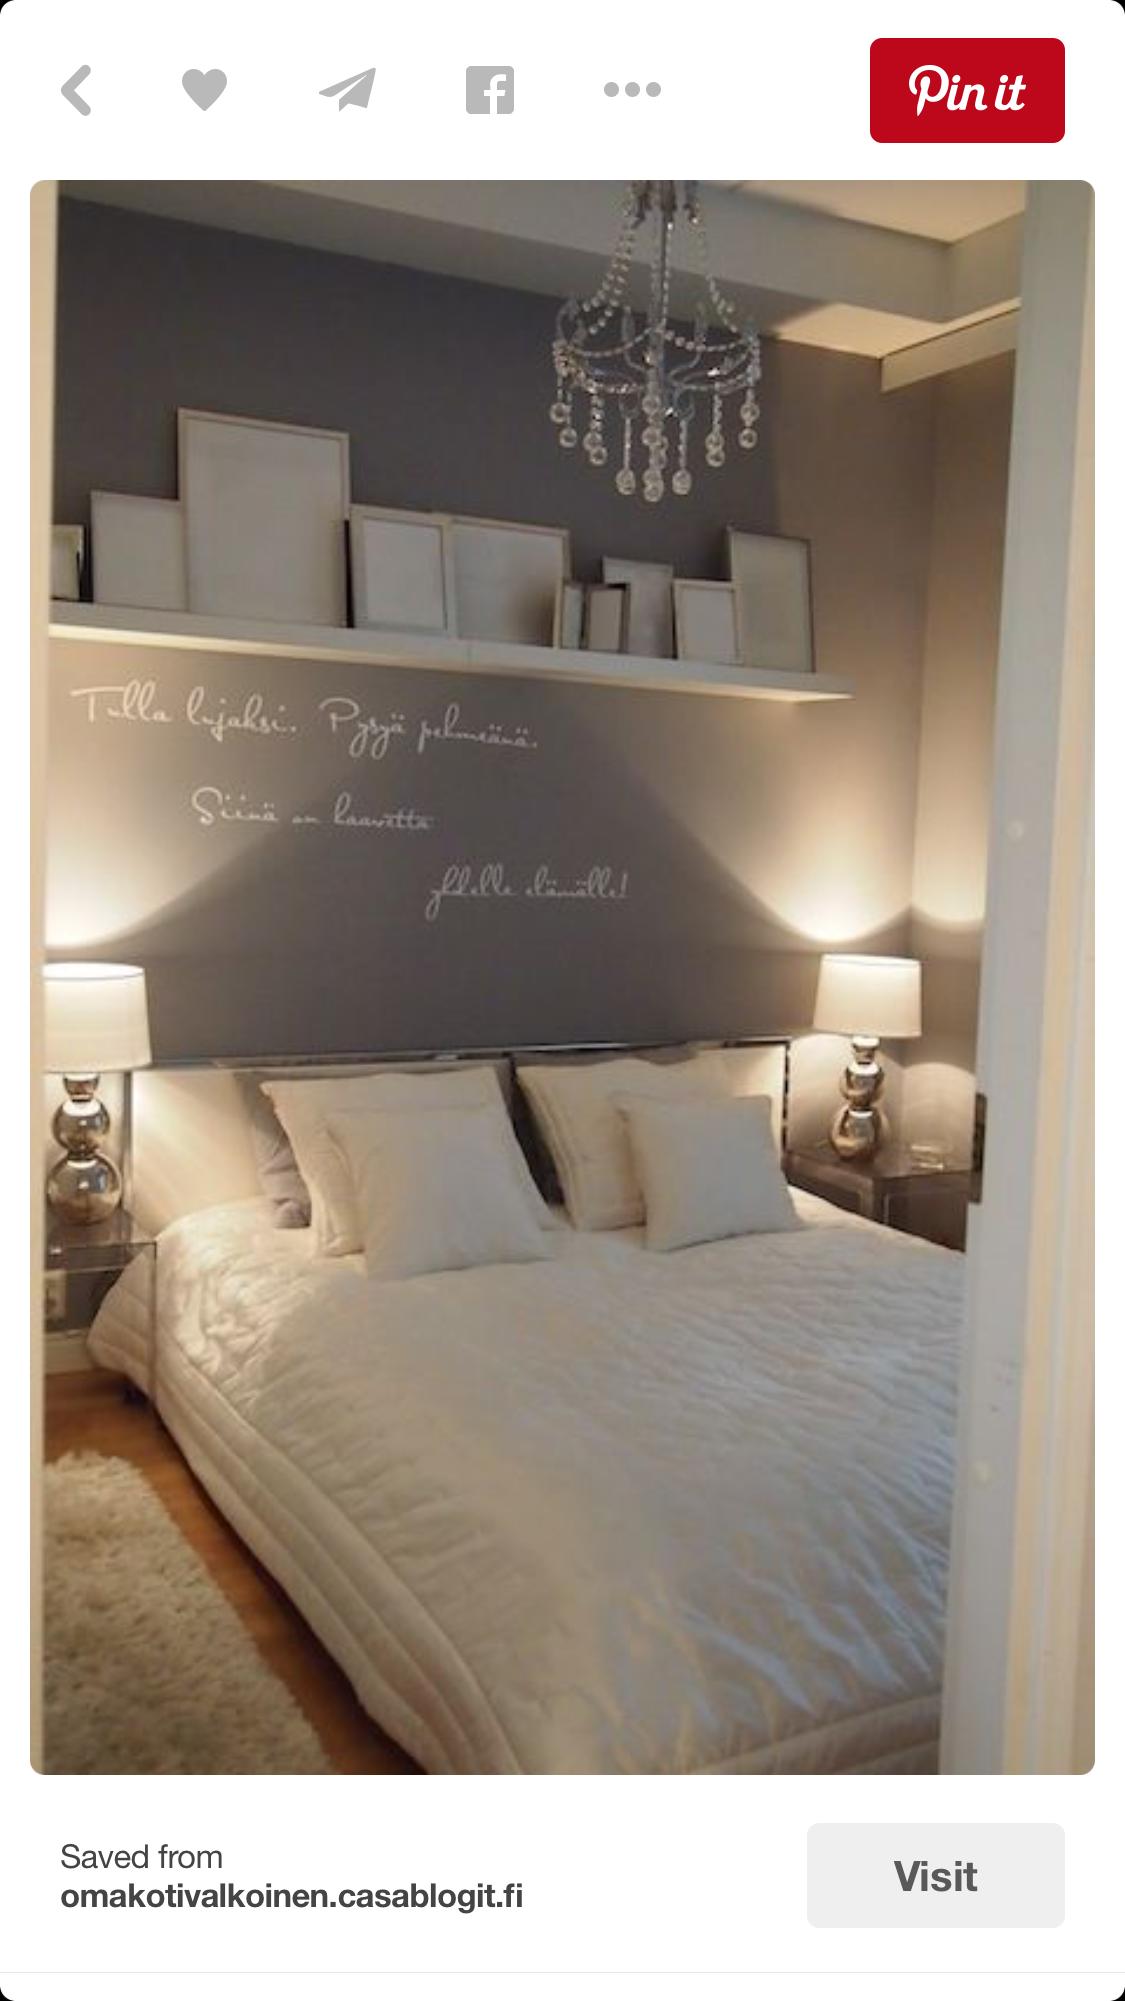 Parete Dietro Letto Idee pin di marzia taglioli su idee per la stanza da letto